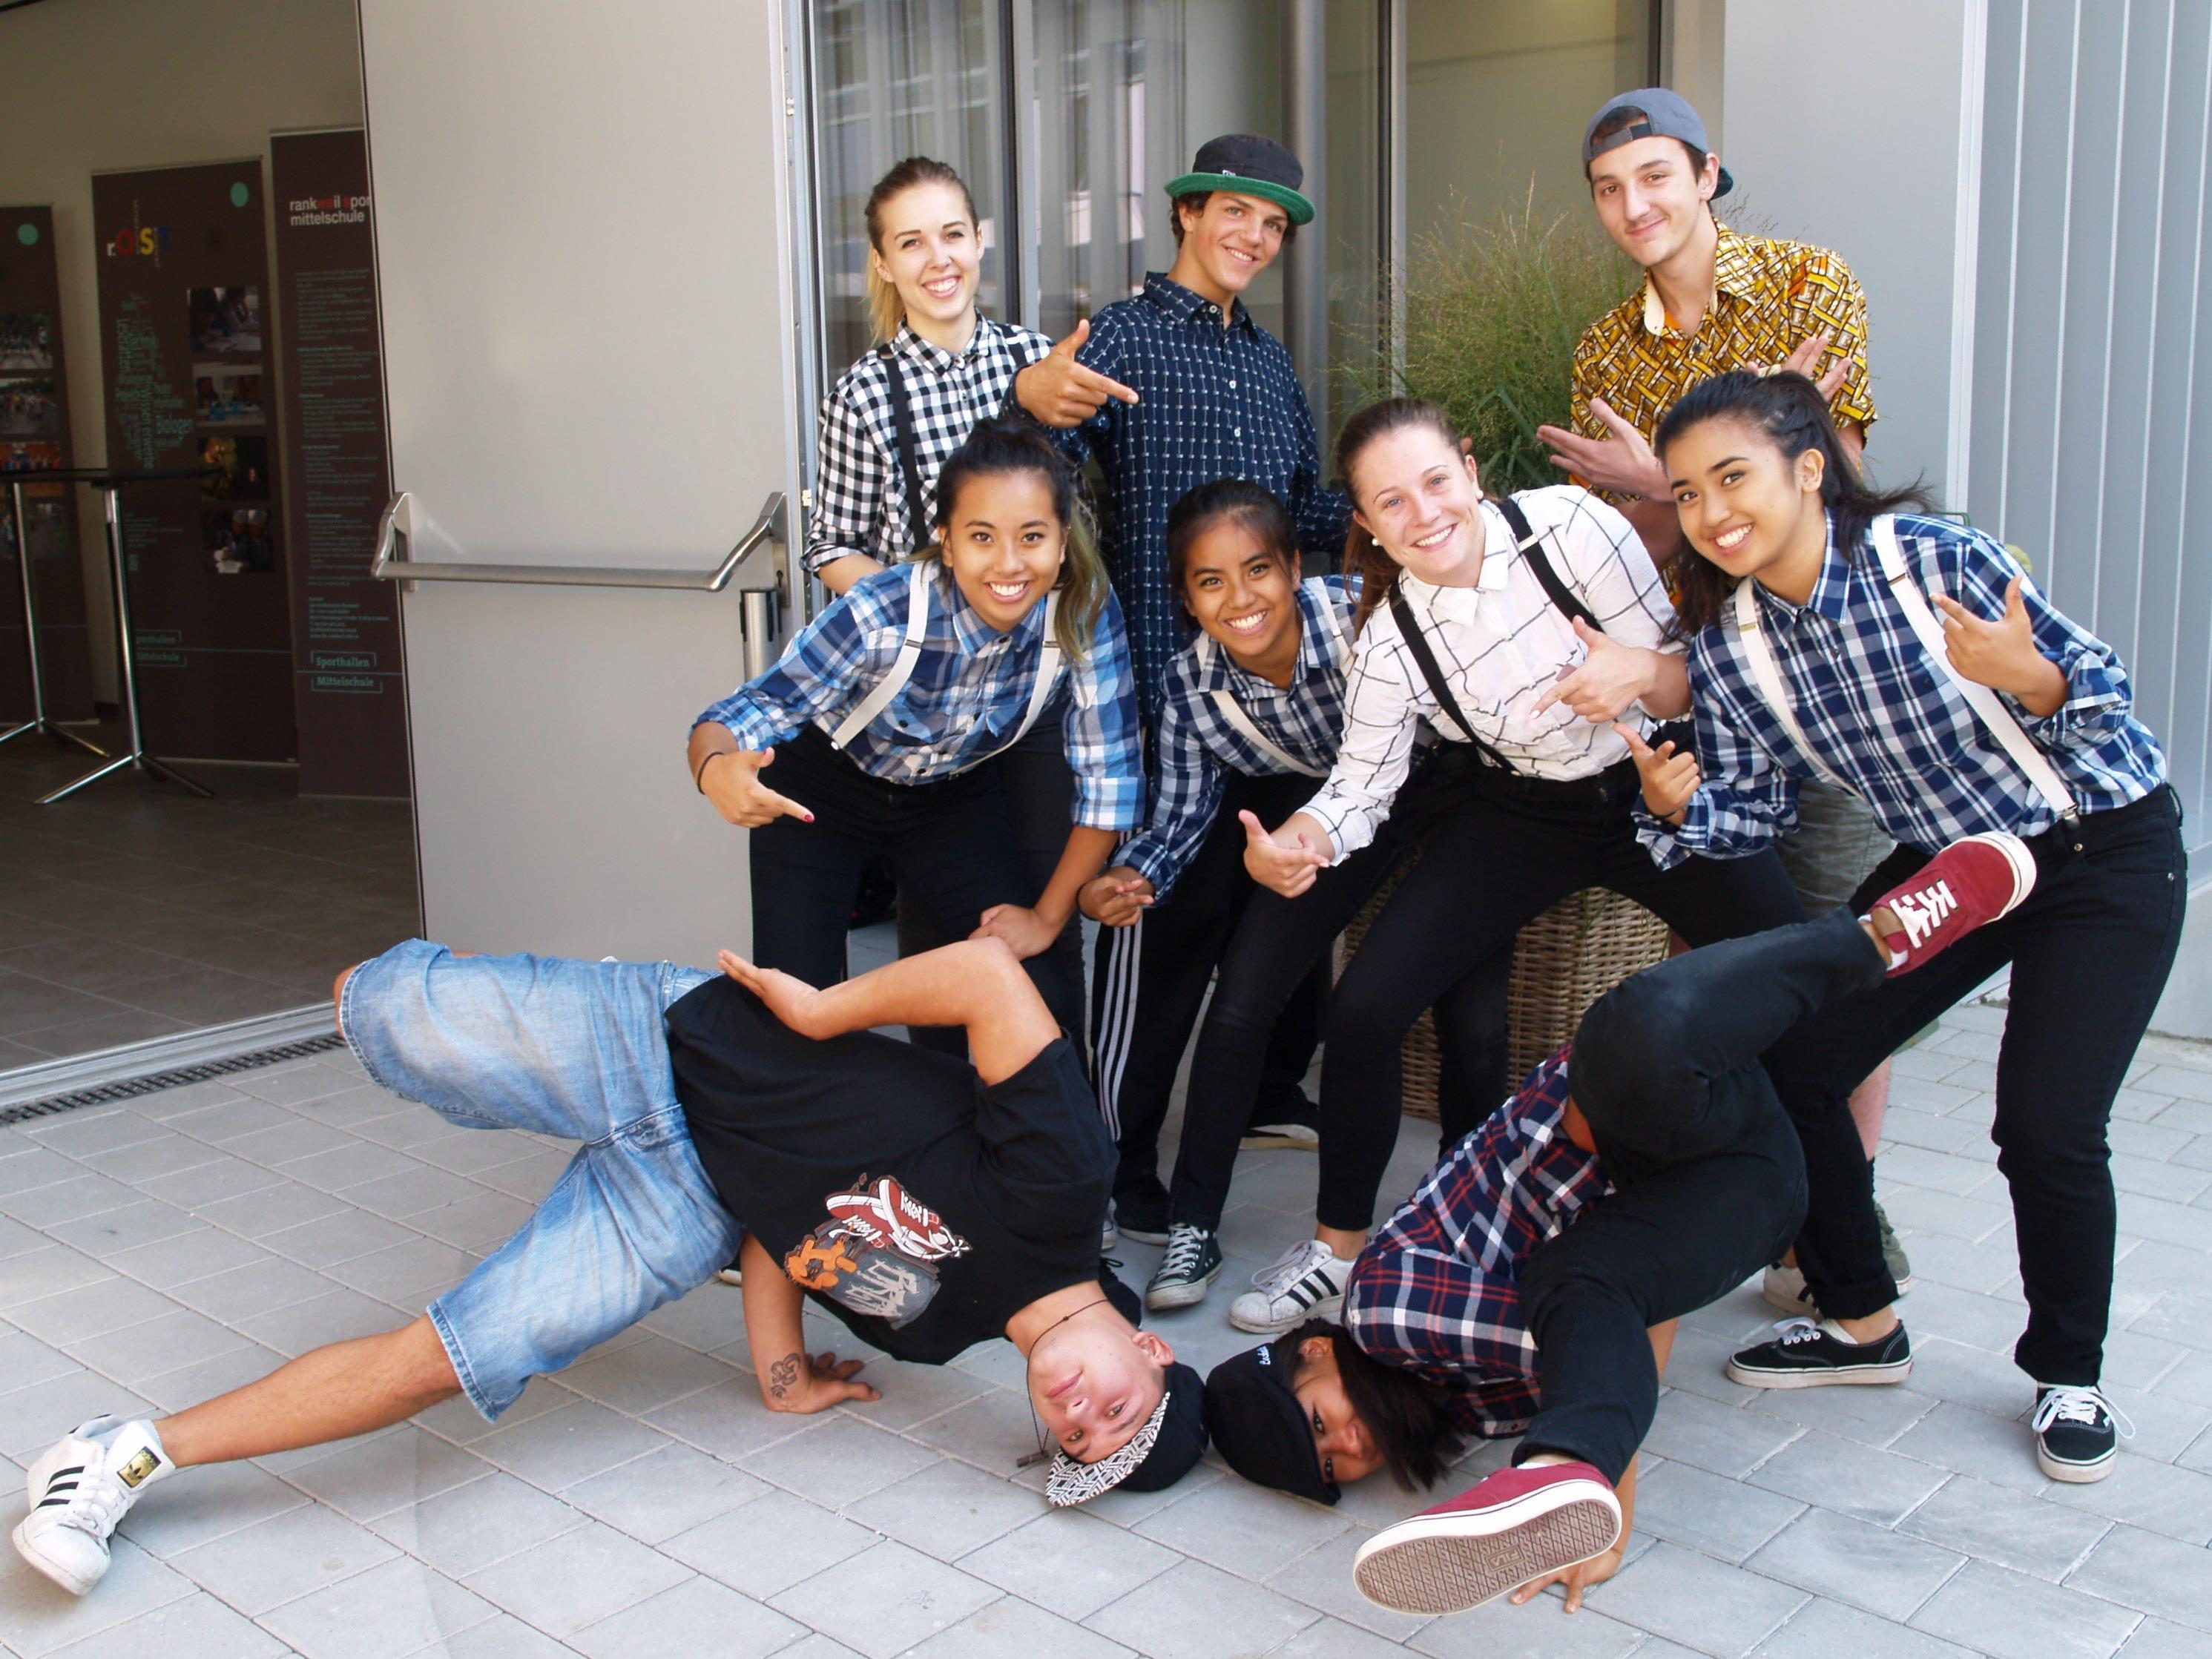 Auch Mitglieder des Kinder- und Jugendtanzvereins One Step Ahead (OSA) sind bei der Organisation des Risk Battle Austria 2016 beteiligt.